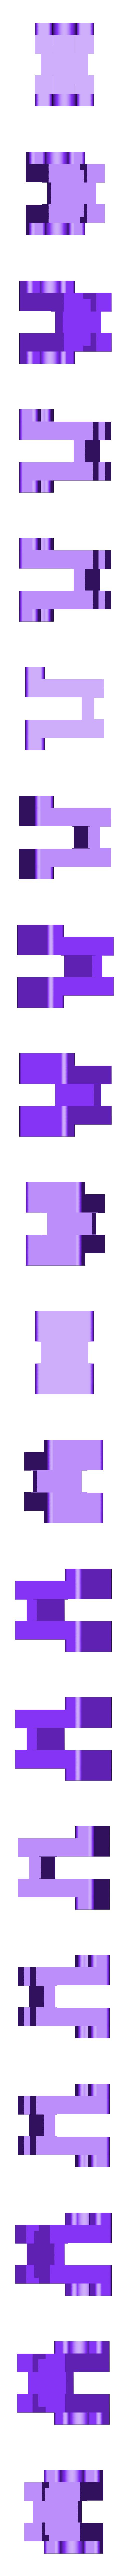 Button_01.stl Télécharger fichier STL gratuit Jouet de Noël • Design à imprimer en 3D, Jwoong